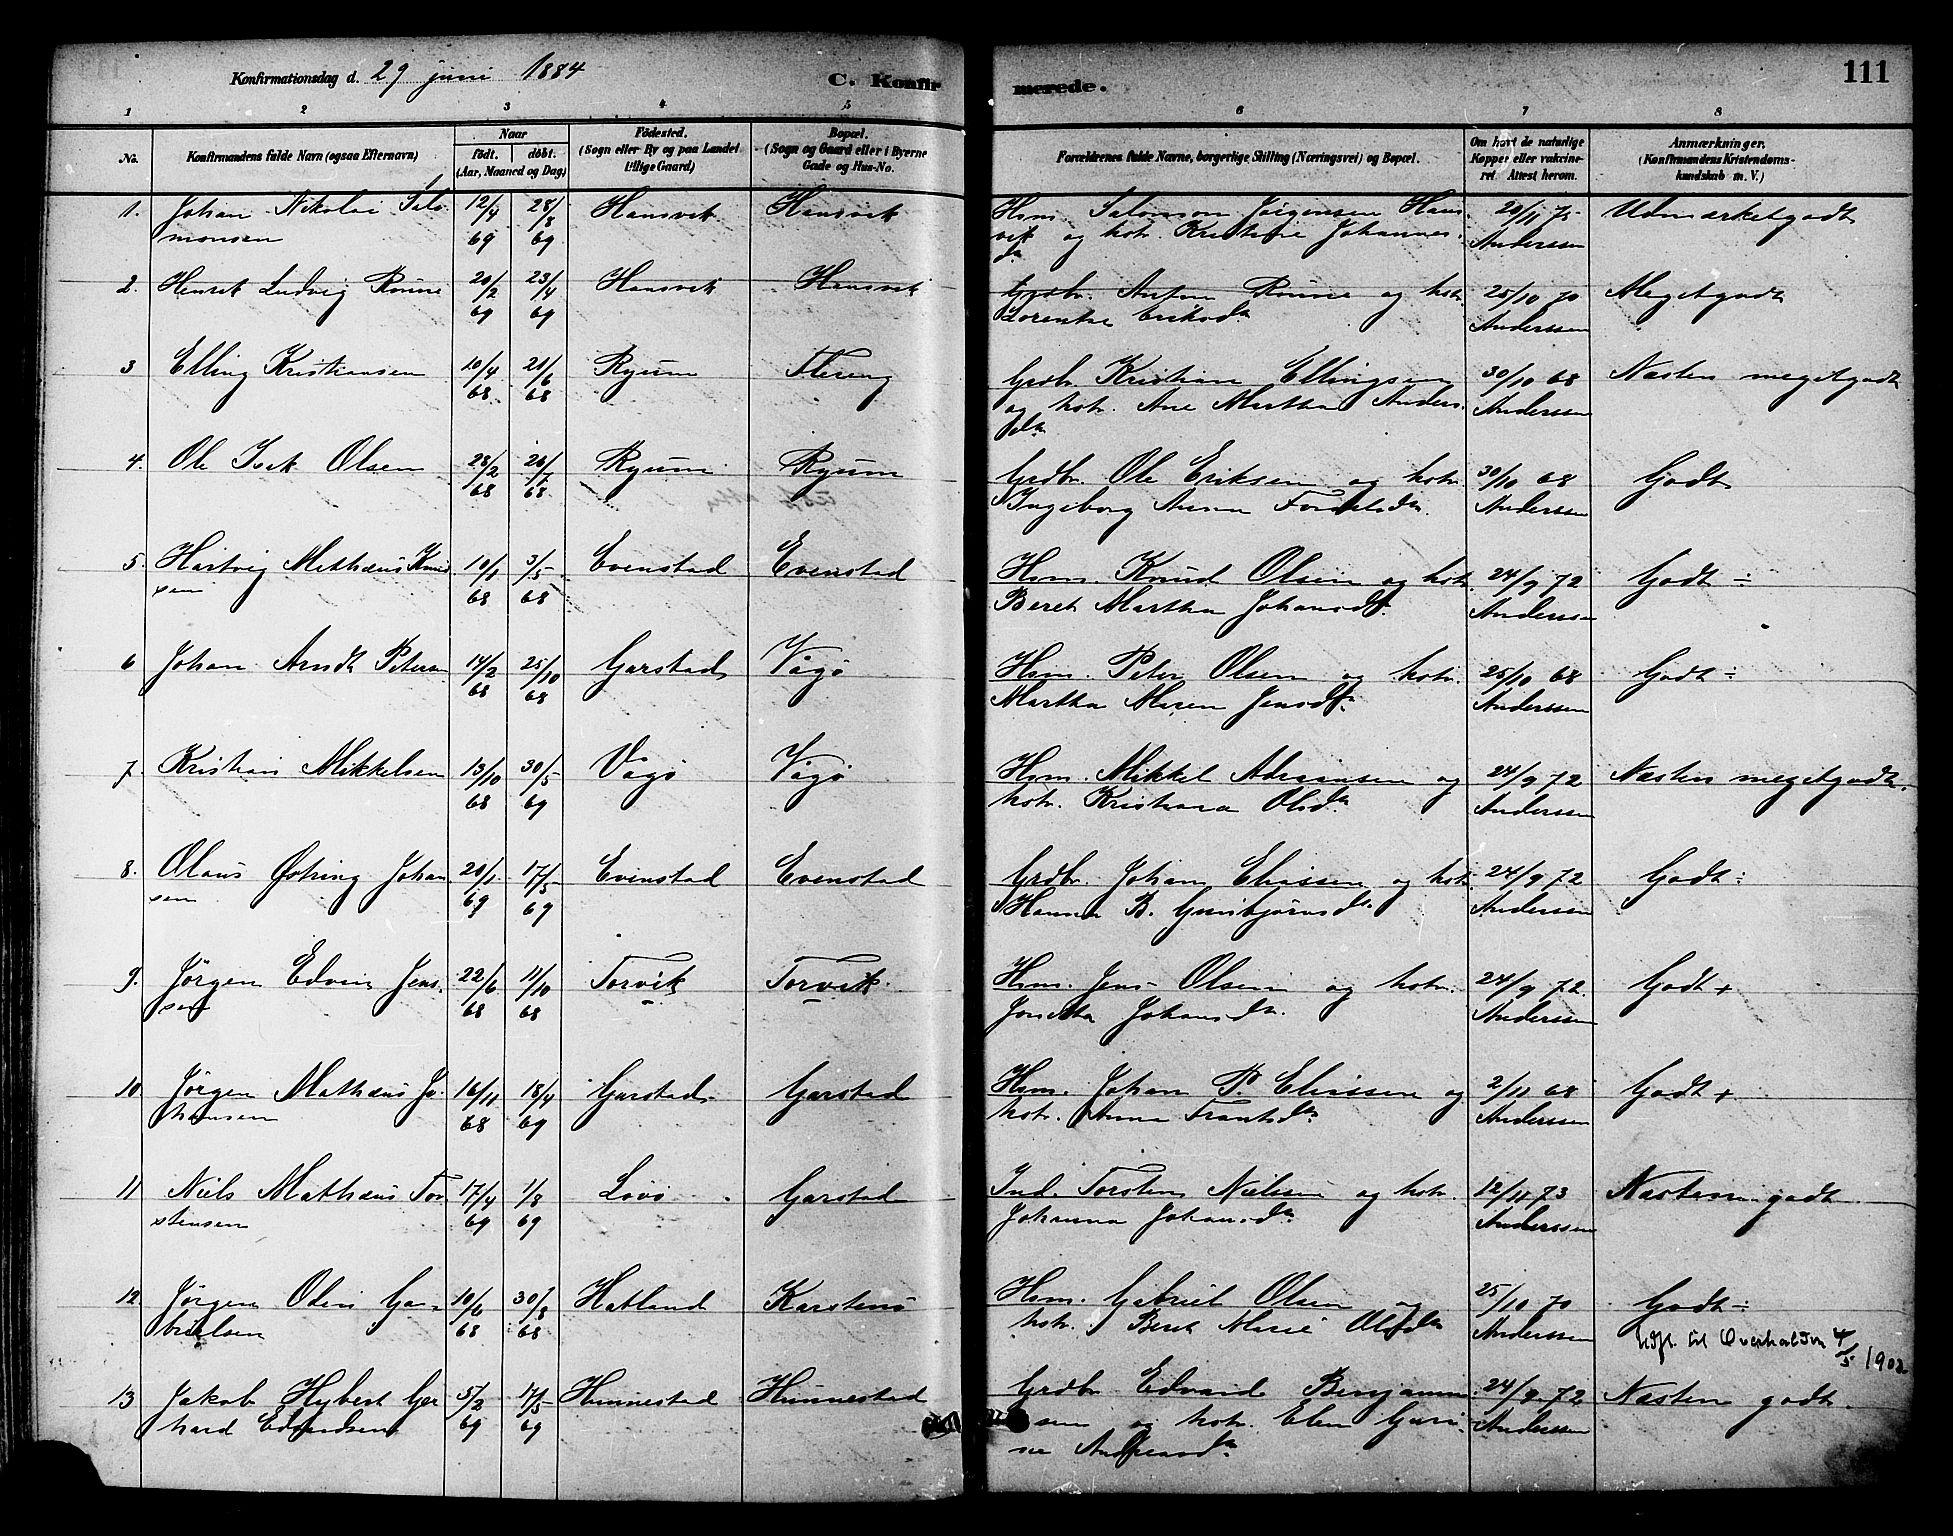 SAT, Ministerialprotokoller, klokkerbøker og fødselsregistre - Nord-Trøndelag, 786/L0686: Ministerialbok nr. 786A02, 1880-1887, s. 111